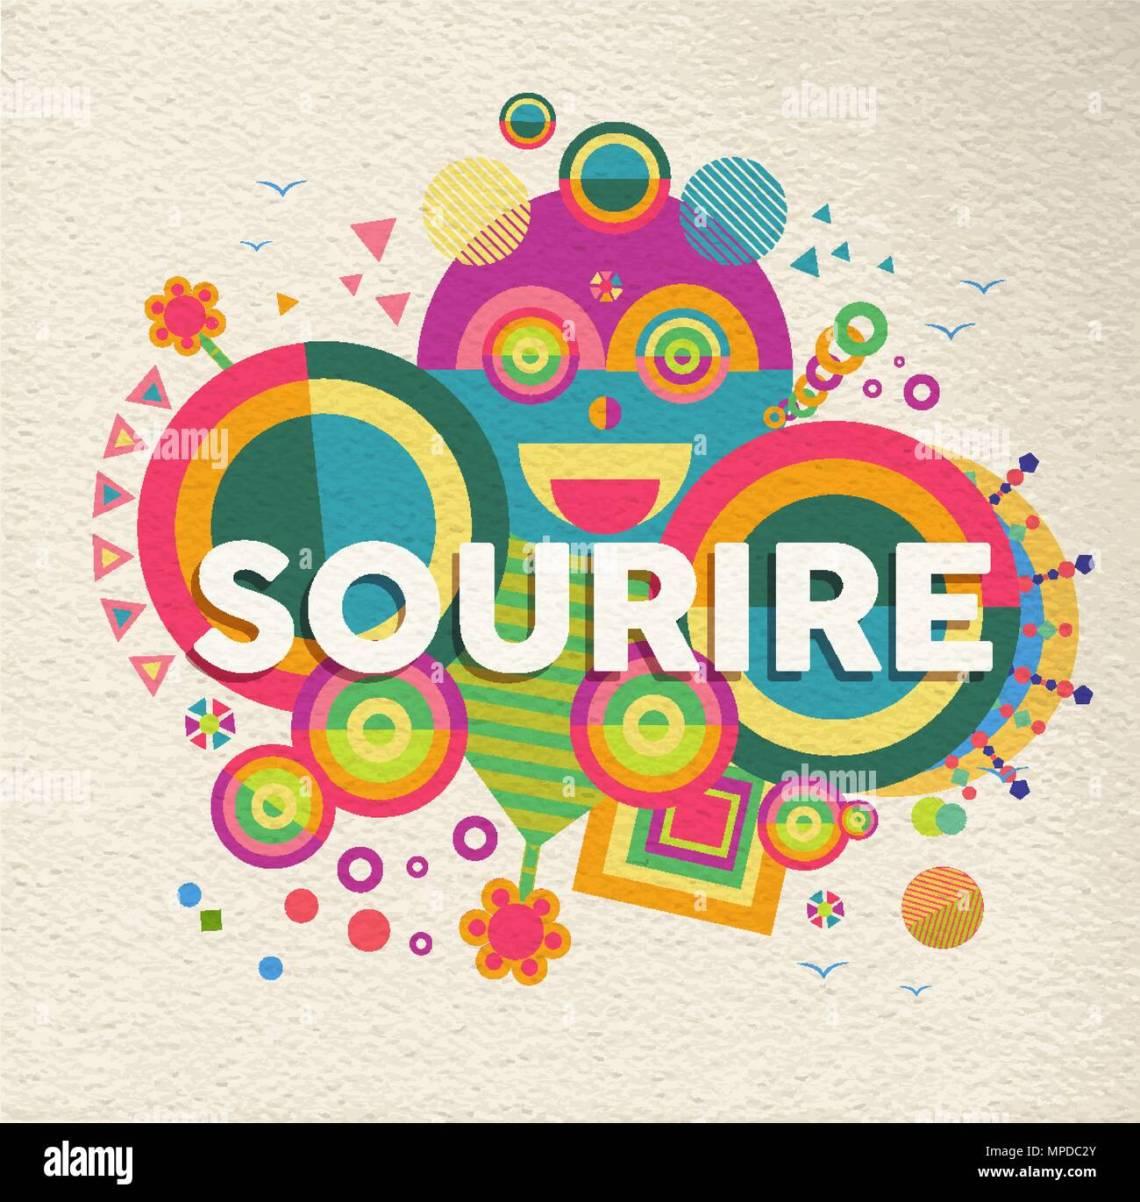 Smile Bunte Typografie Plakat In Franzosischer Sprache Positive Motivation Zitat Design Mit Papier Textur Hintergrund Eps  Vektor